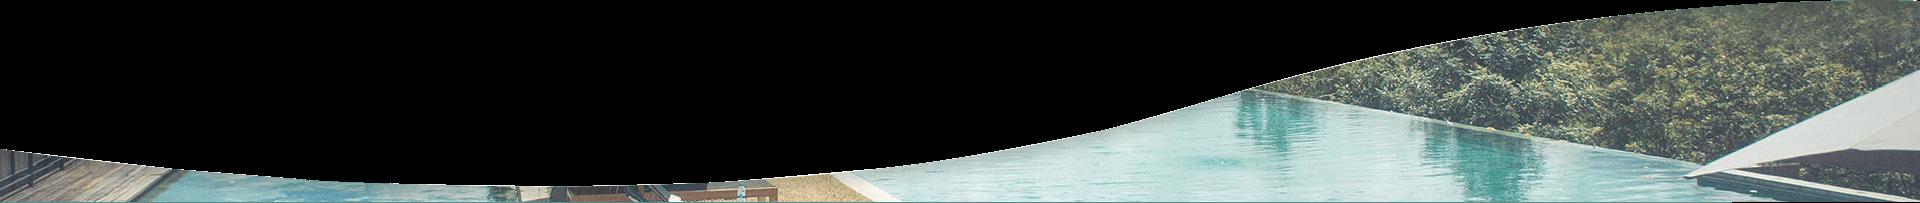 panneaux solaires pour piscine